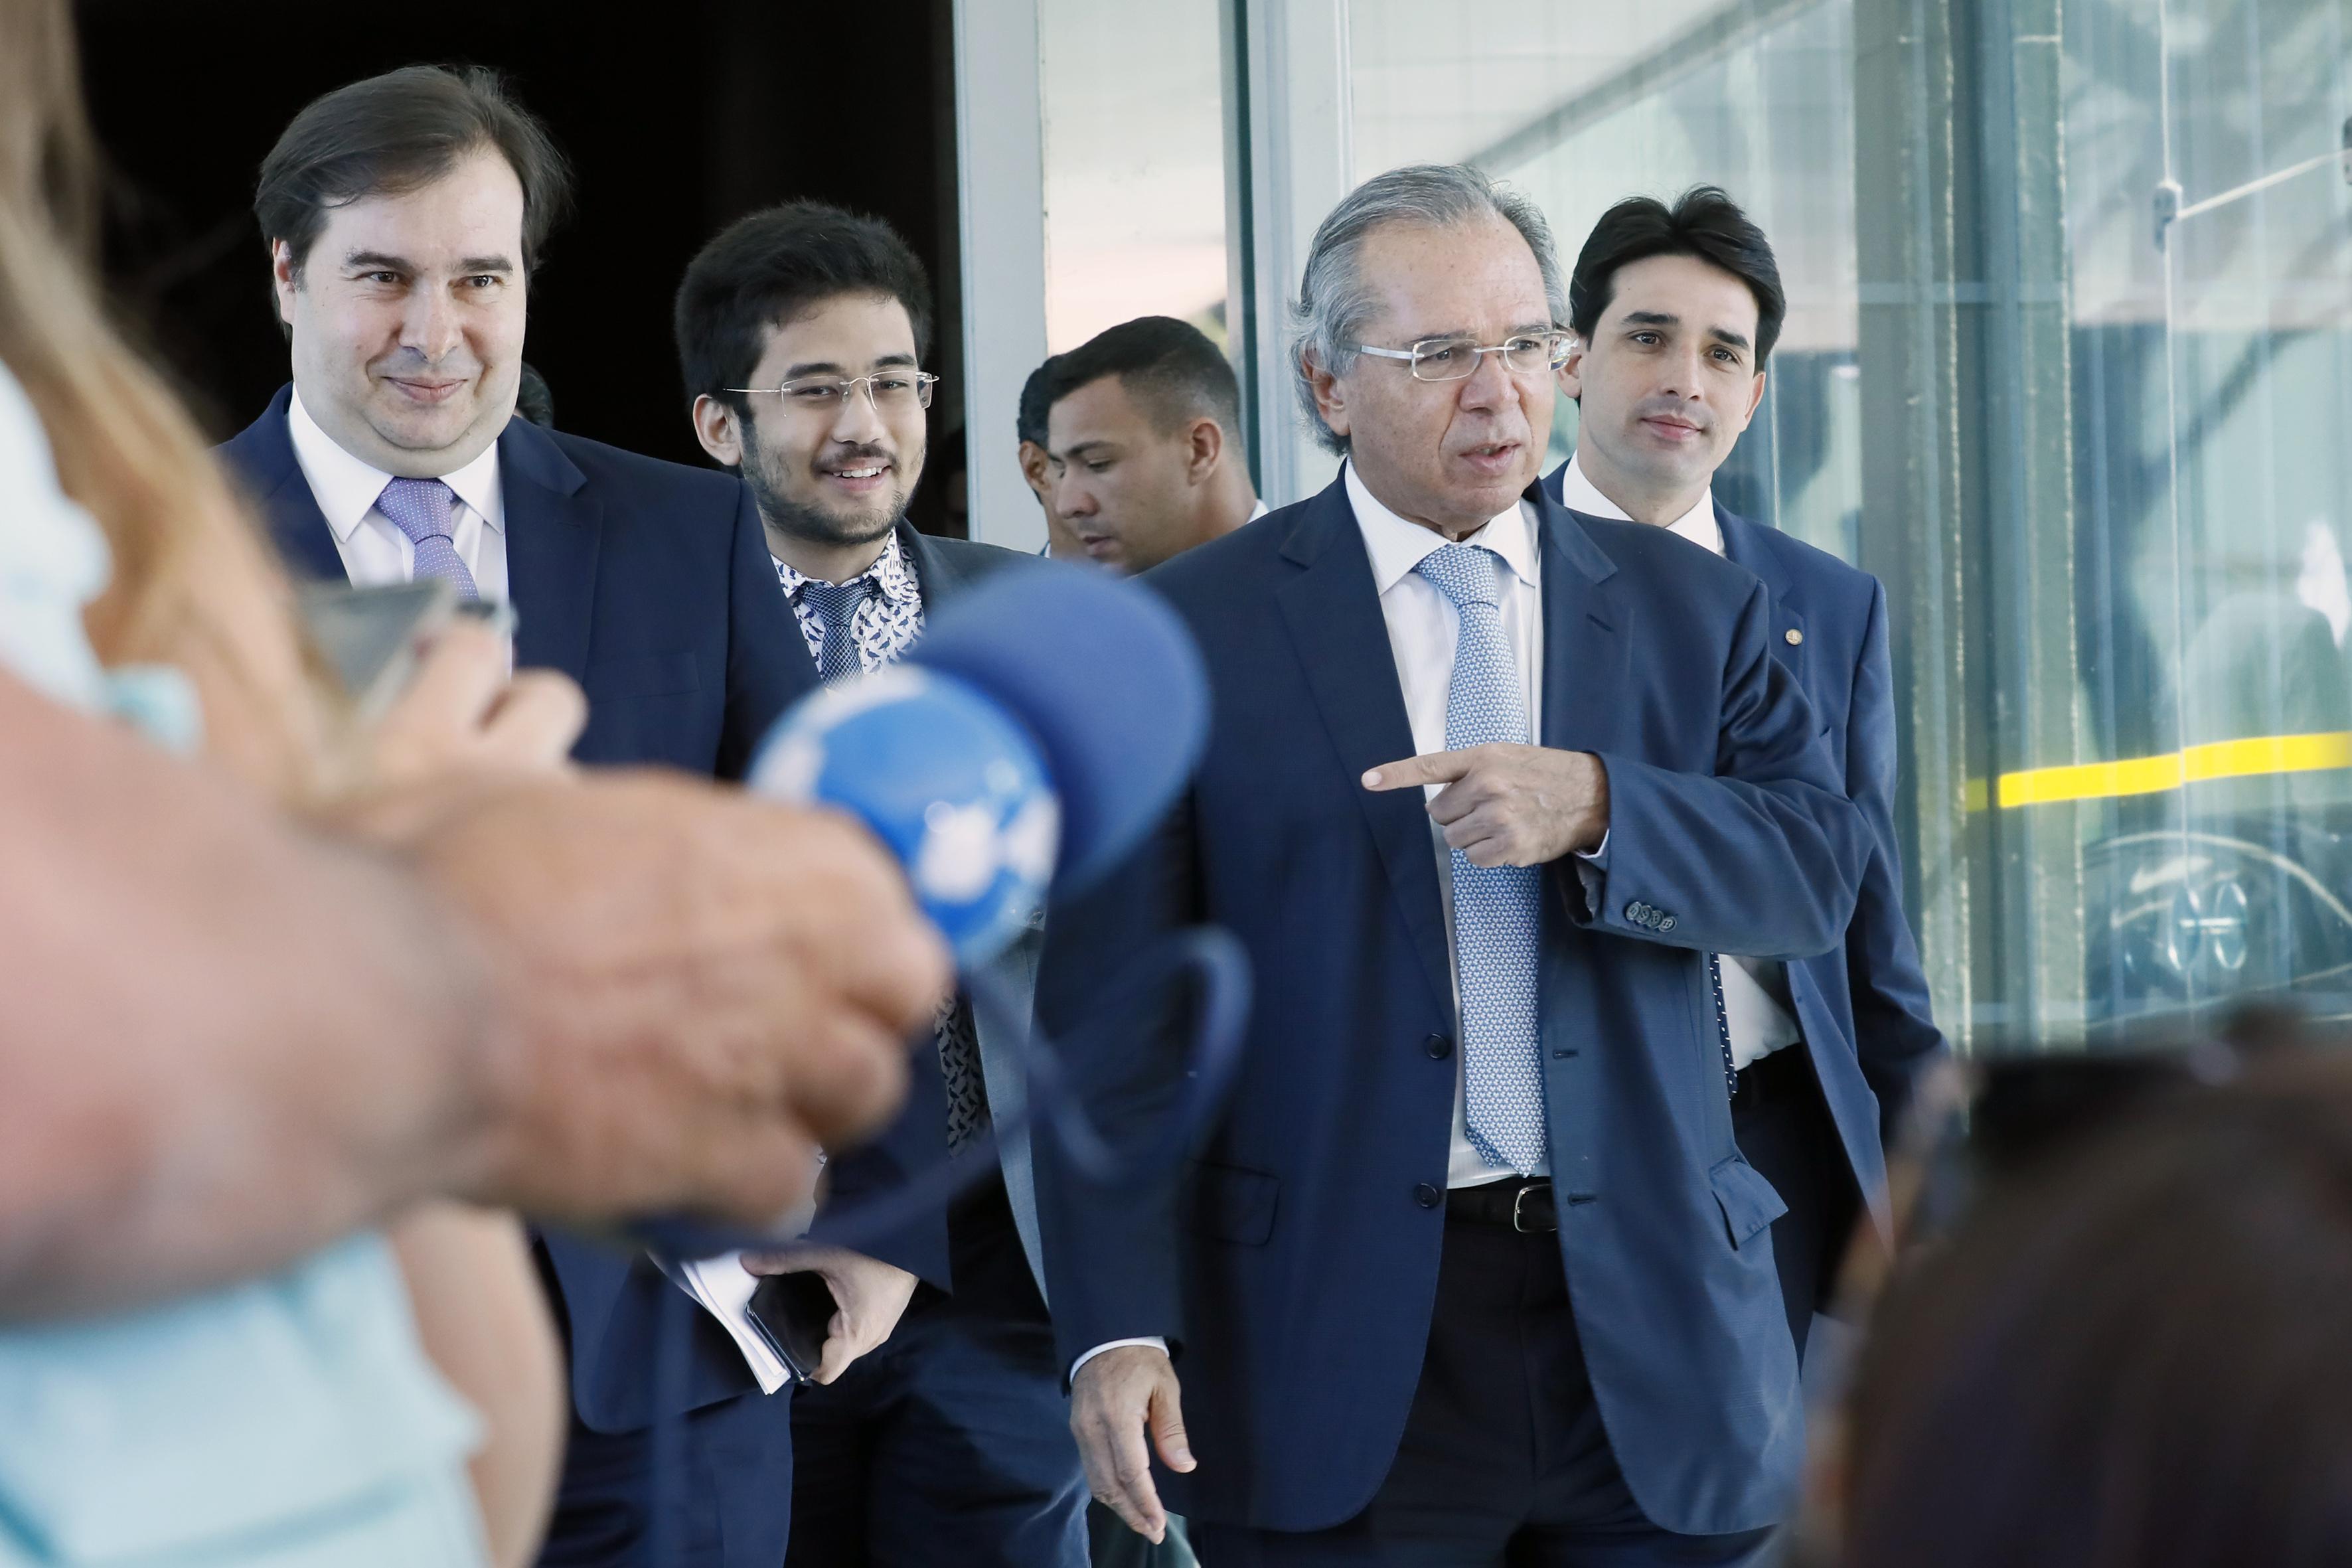 Presidente da Câmara dos Deputados, dep. Rodrigo Maia (DEM-RJ) em reunião com o Ministro da Economia, Paulo Guedes